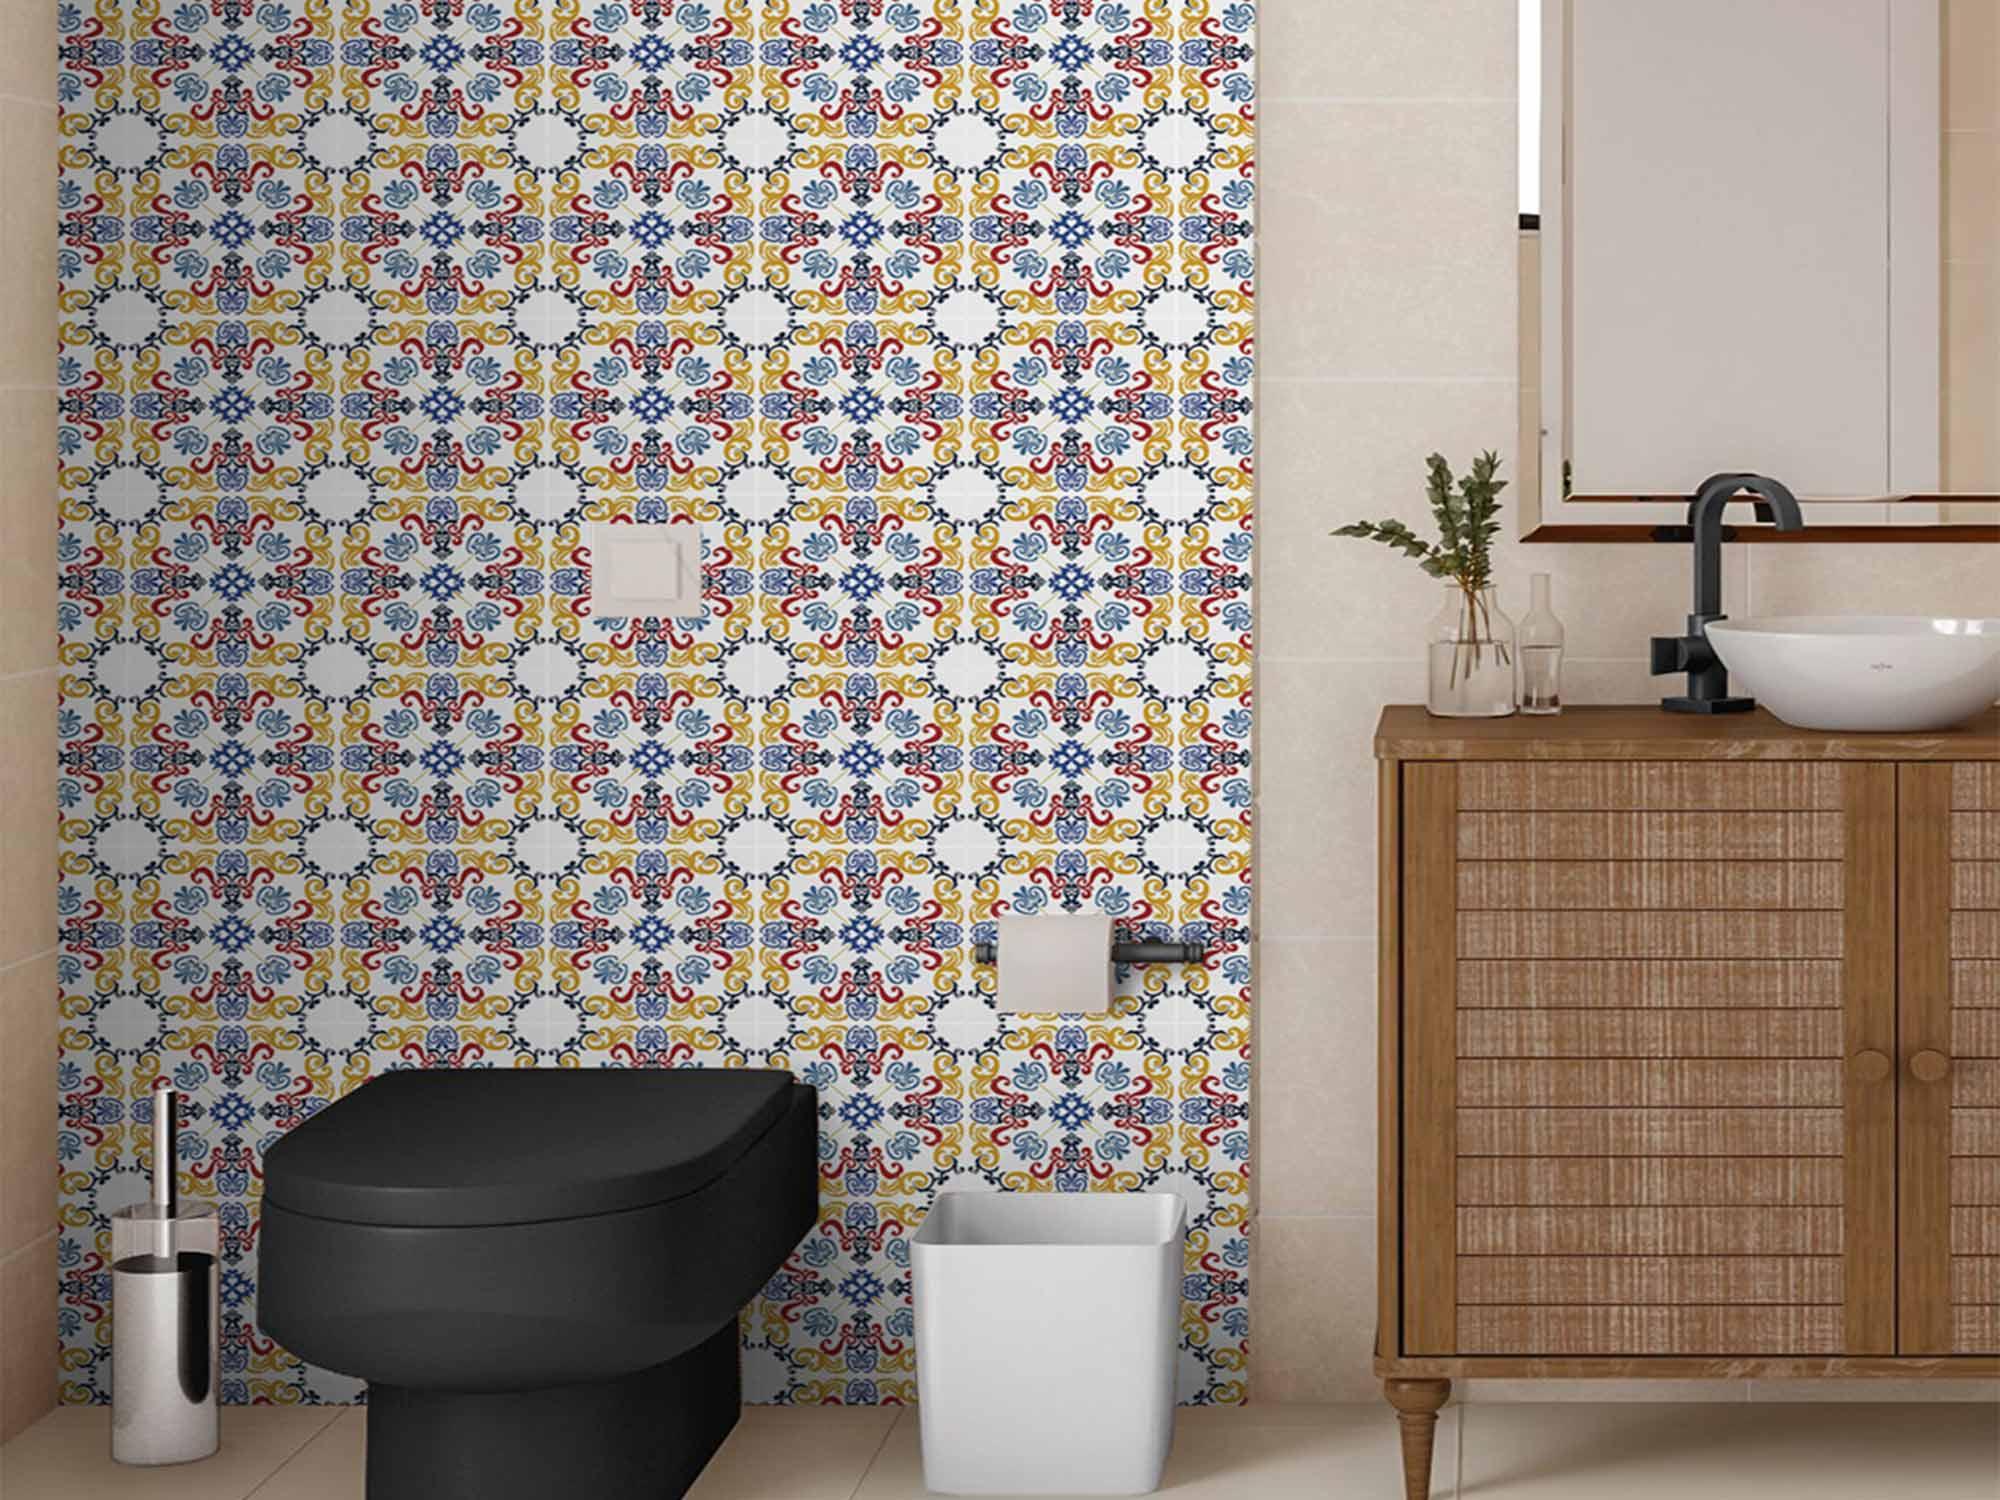 Papel de Parede para Cozinha Azulejos 0003 - Adesivos de Parede  - Paredes Decoradas